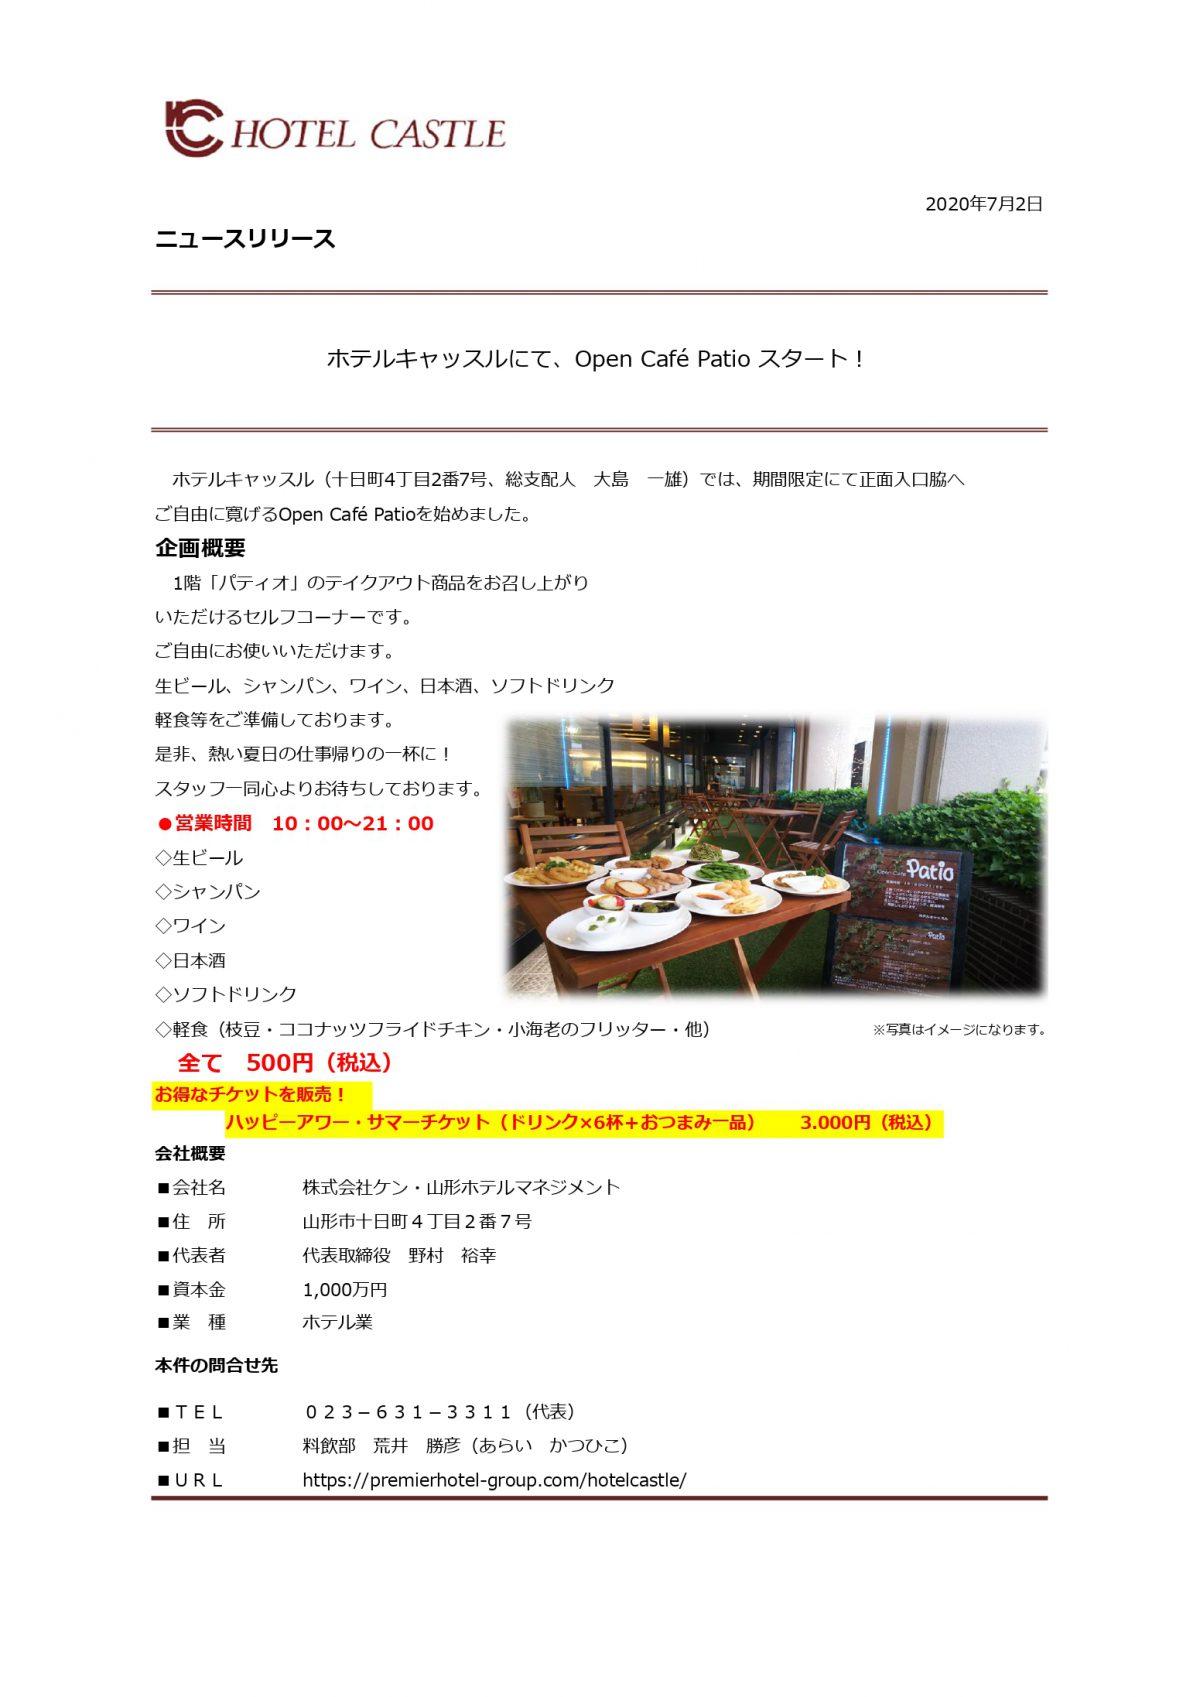 テラス_page-0001 (1)